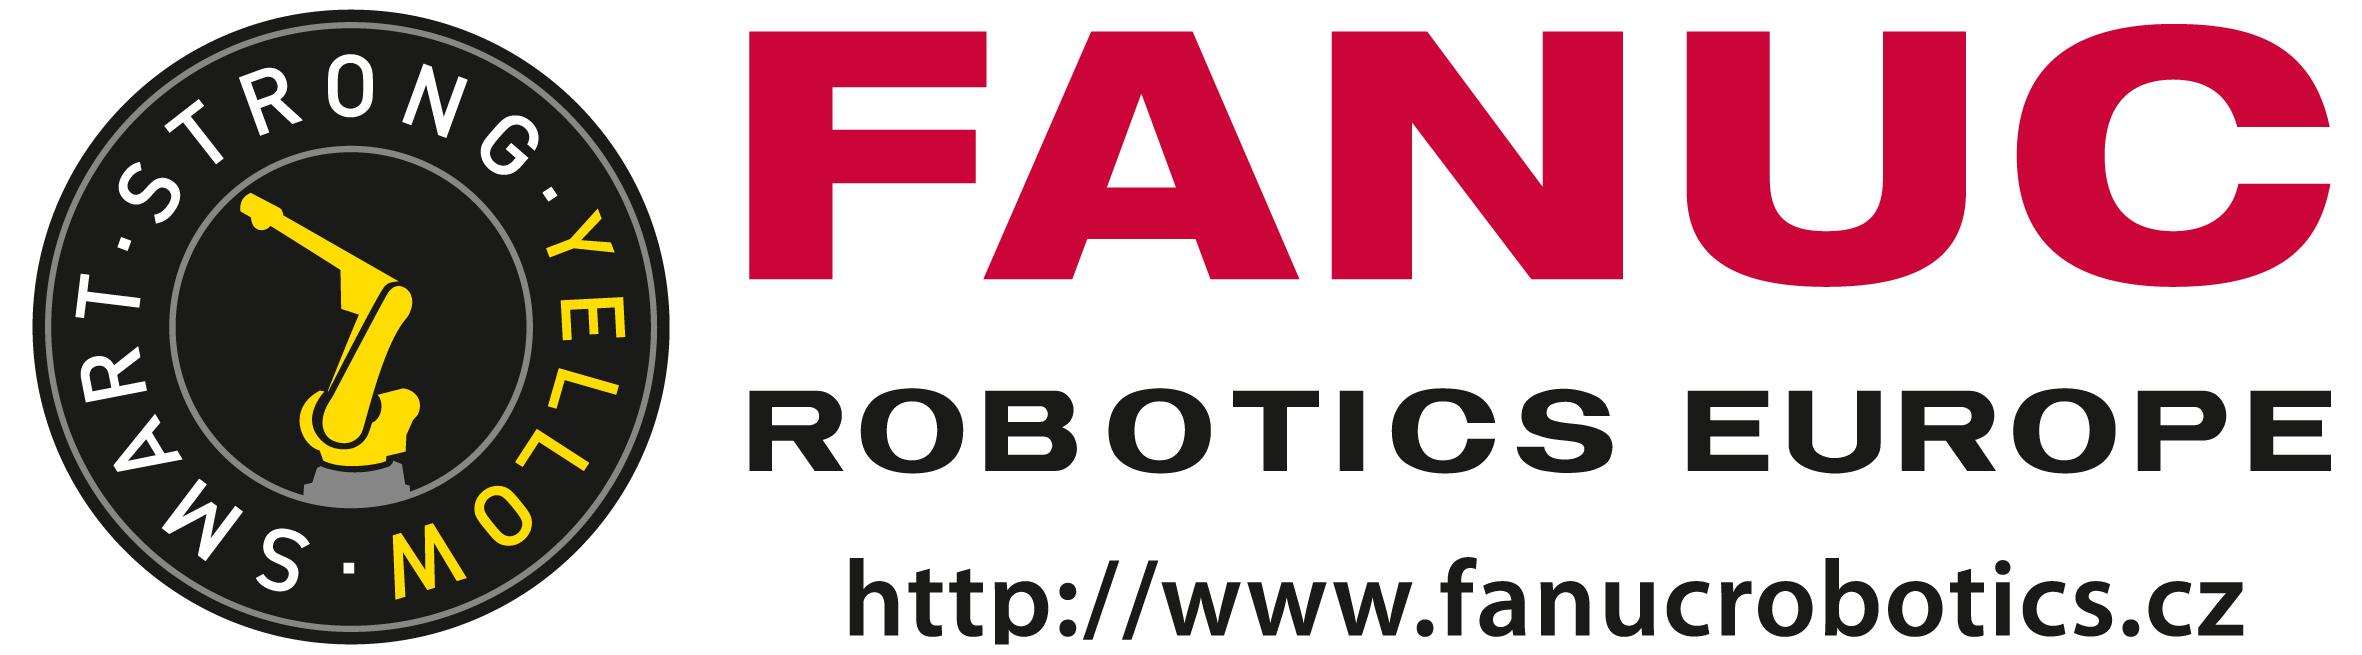 logo_Fanuc.jpg, 4kB